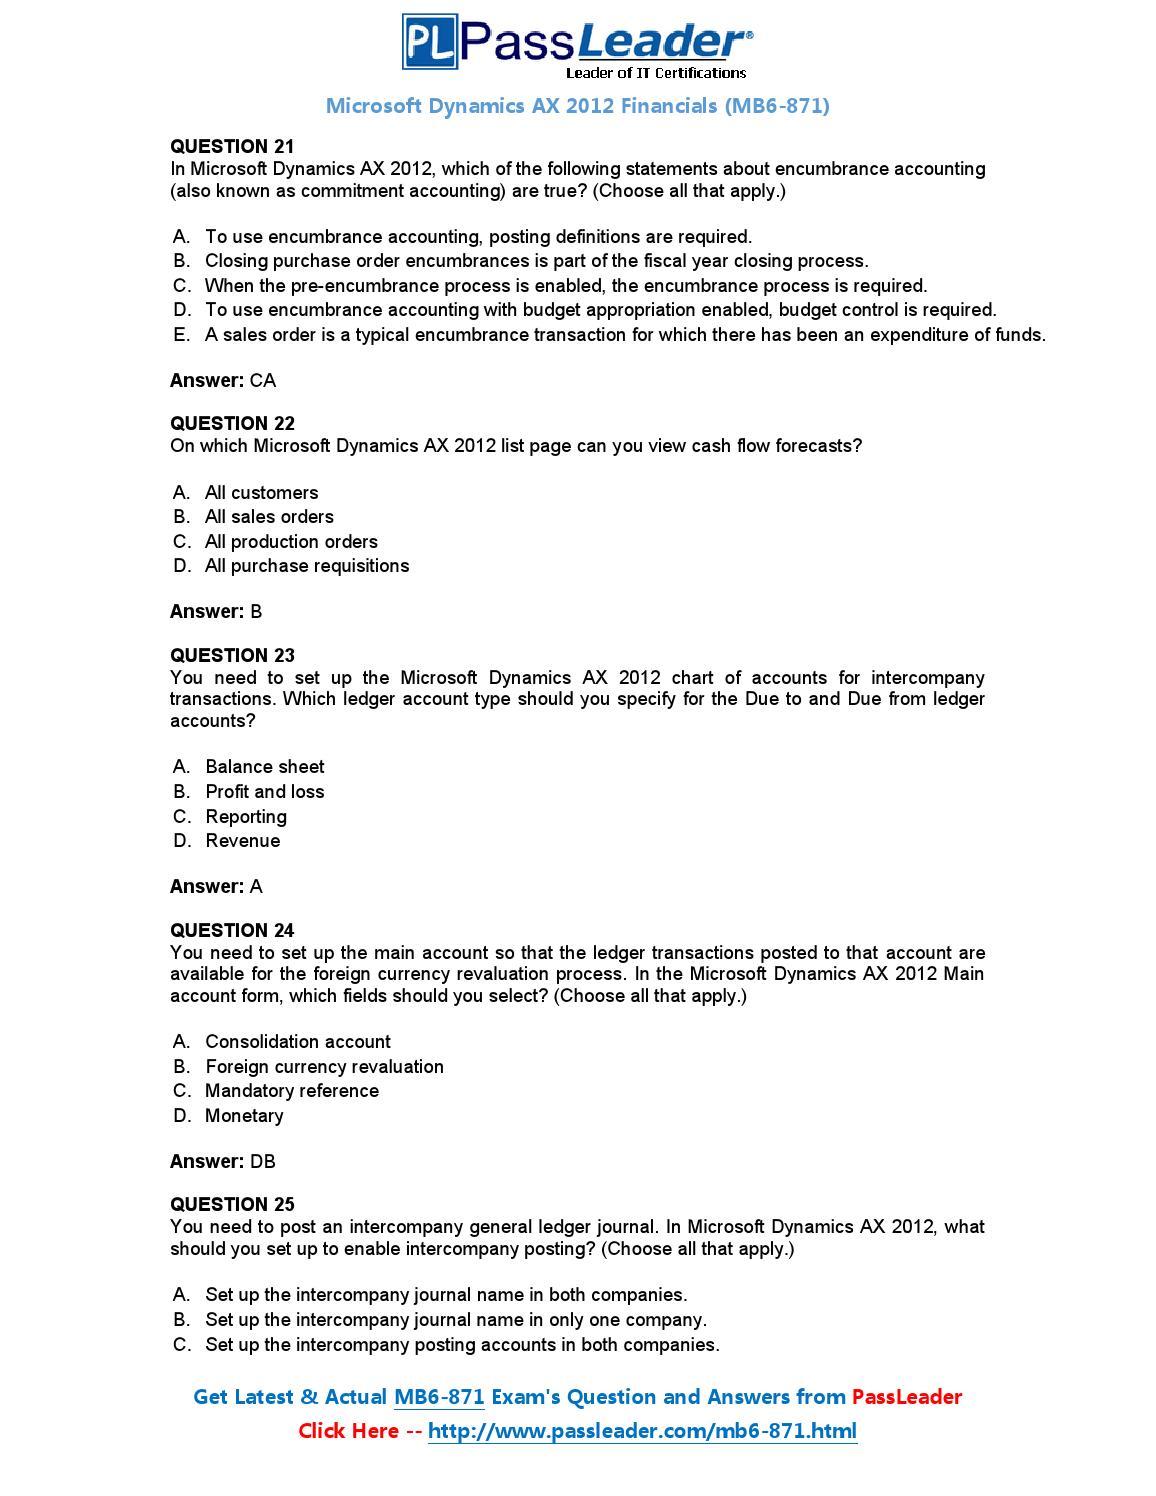 Microsoft Dynamics AX 2012 Financials exam dumps